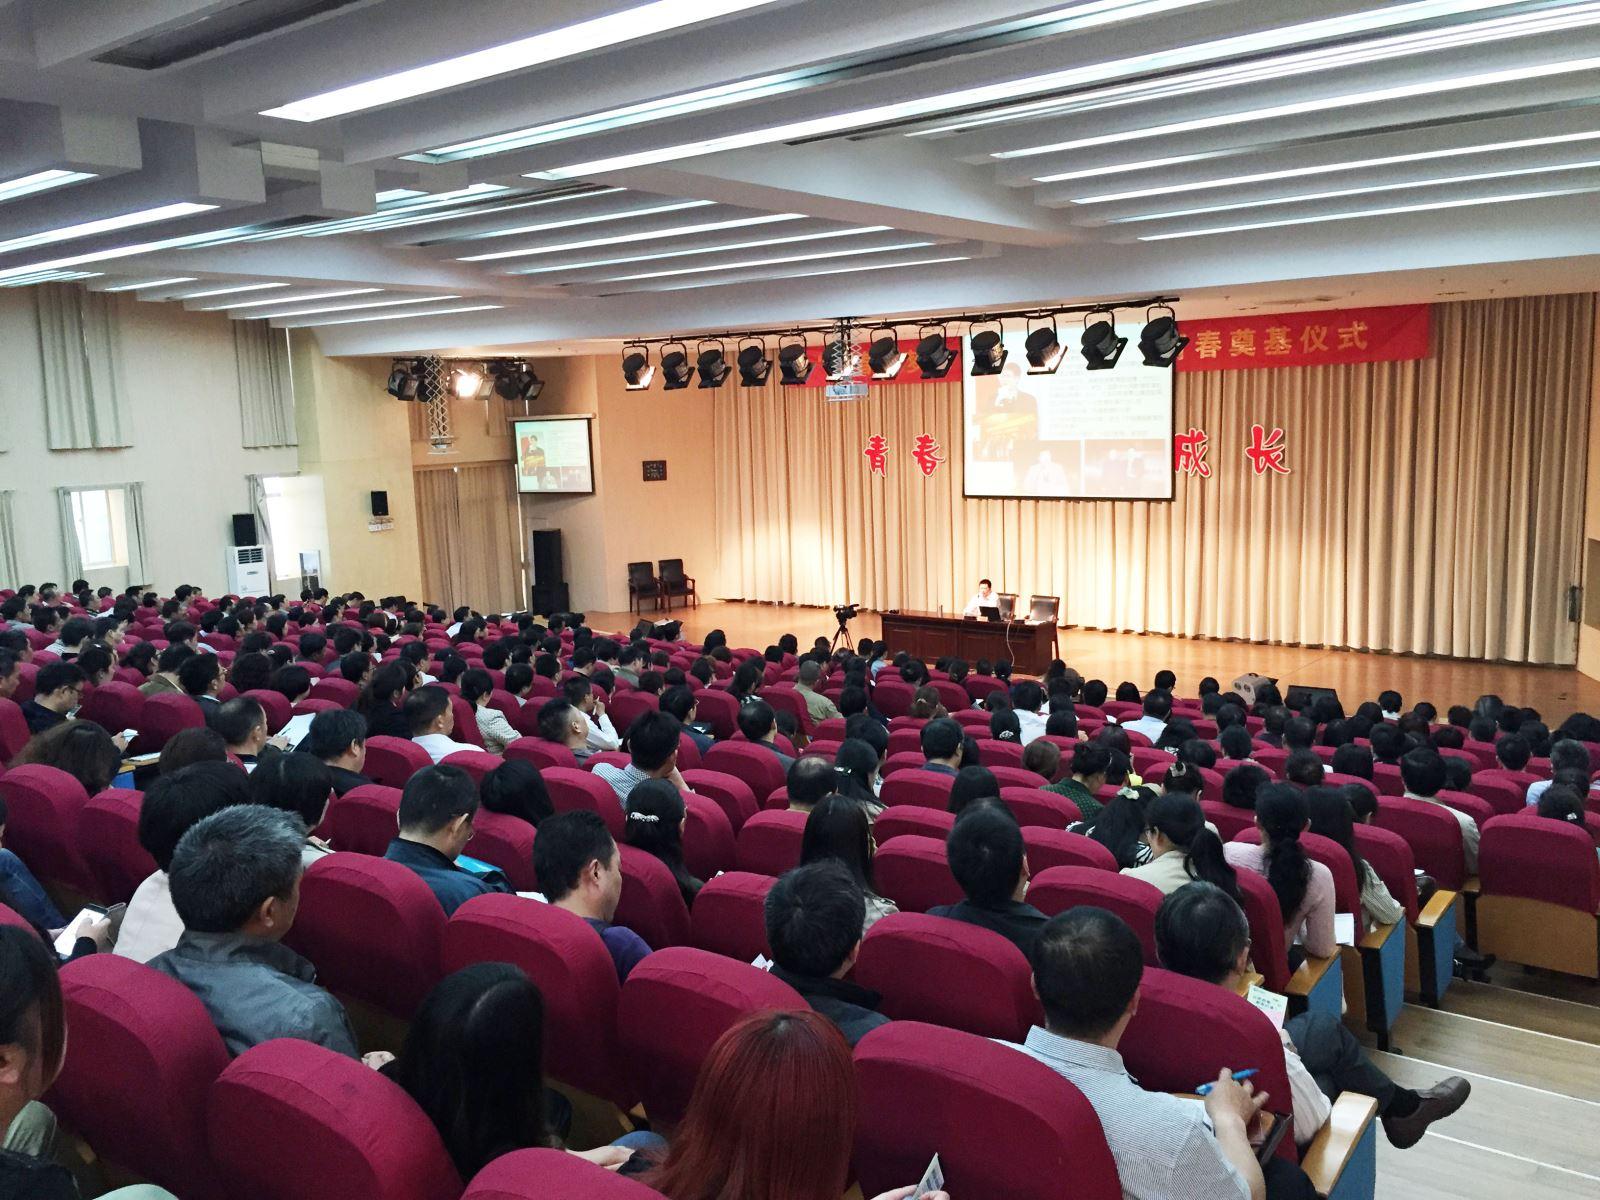 江苏省扬州树人学校